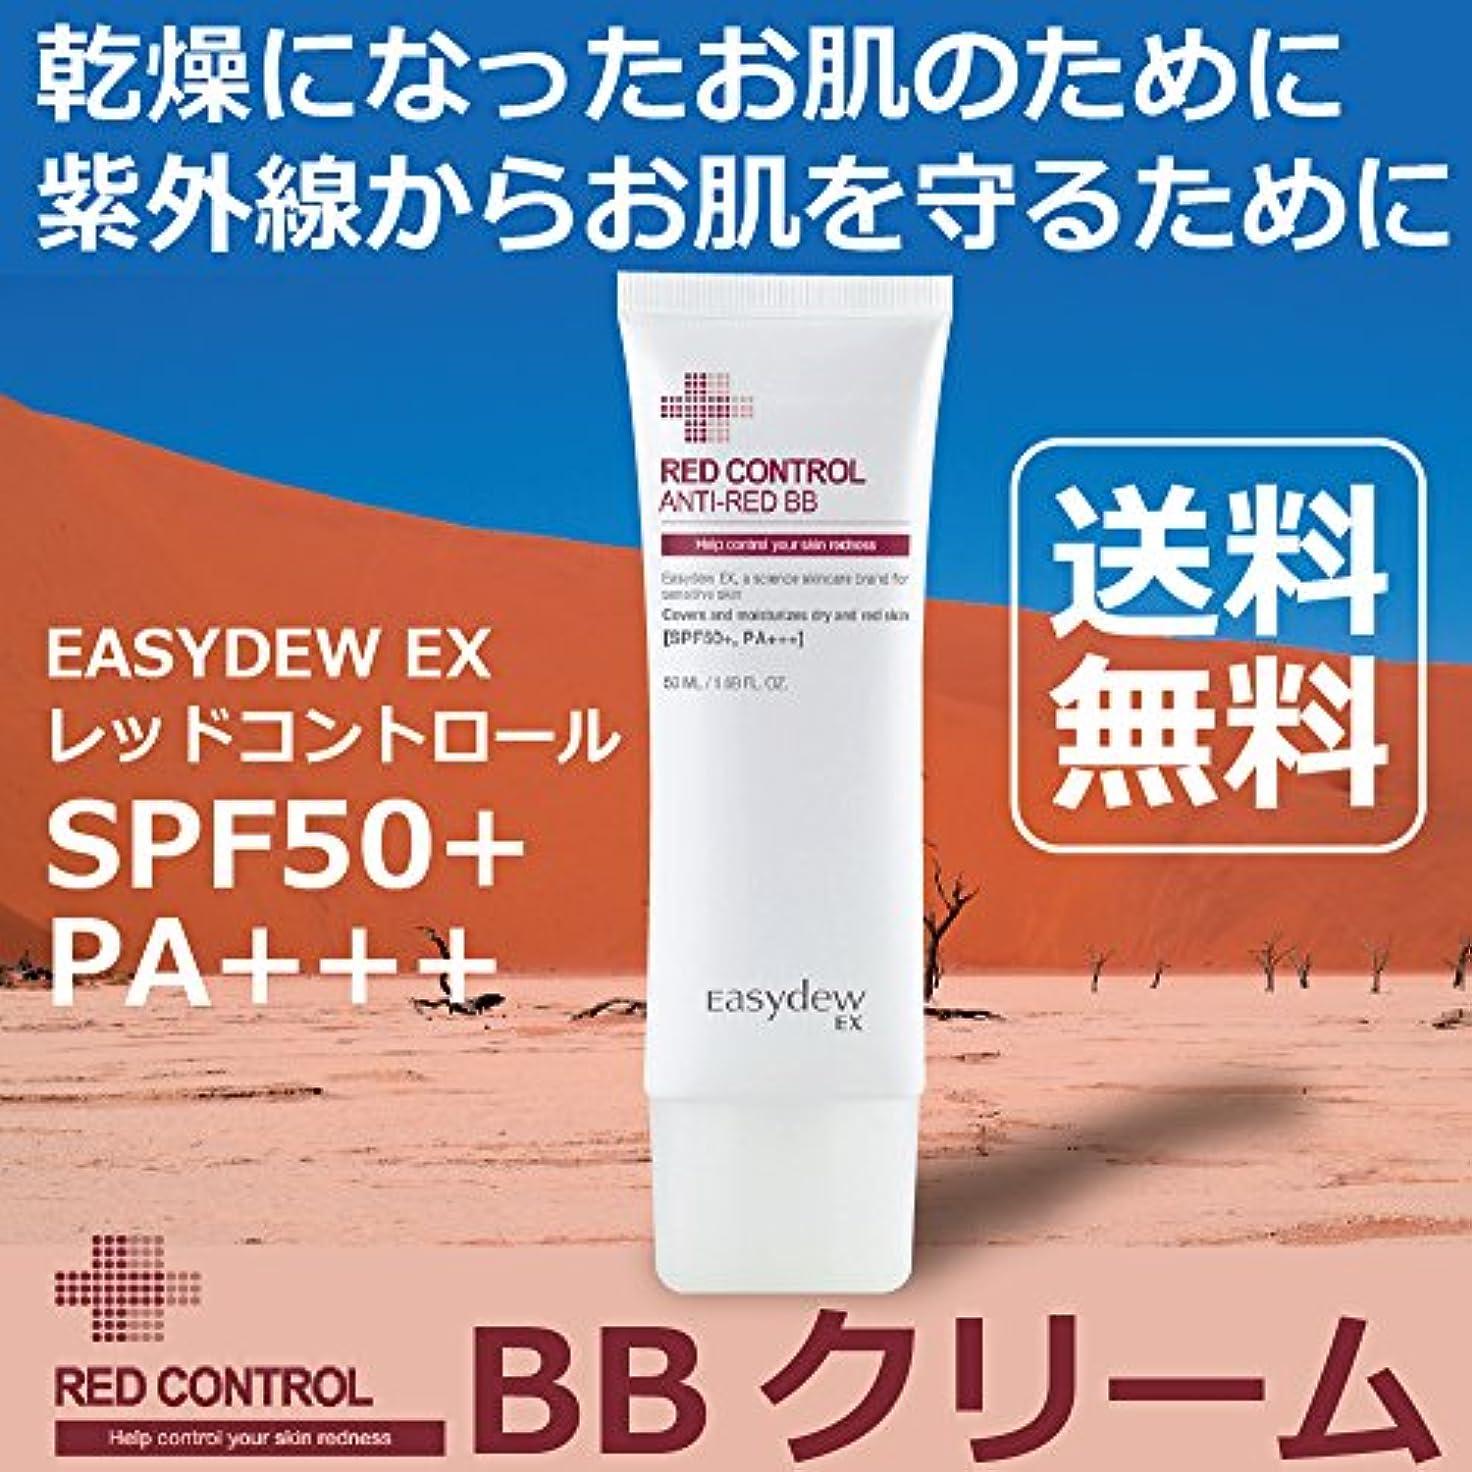 出力光沢リビングルームEASYDEW EX レッドコントロール アンチレッドBBクリーム 50ml RED CONTROL ANTI-RED BB